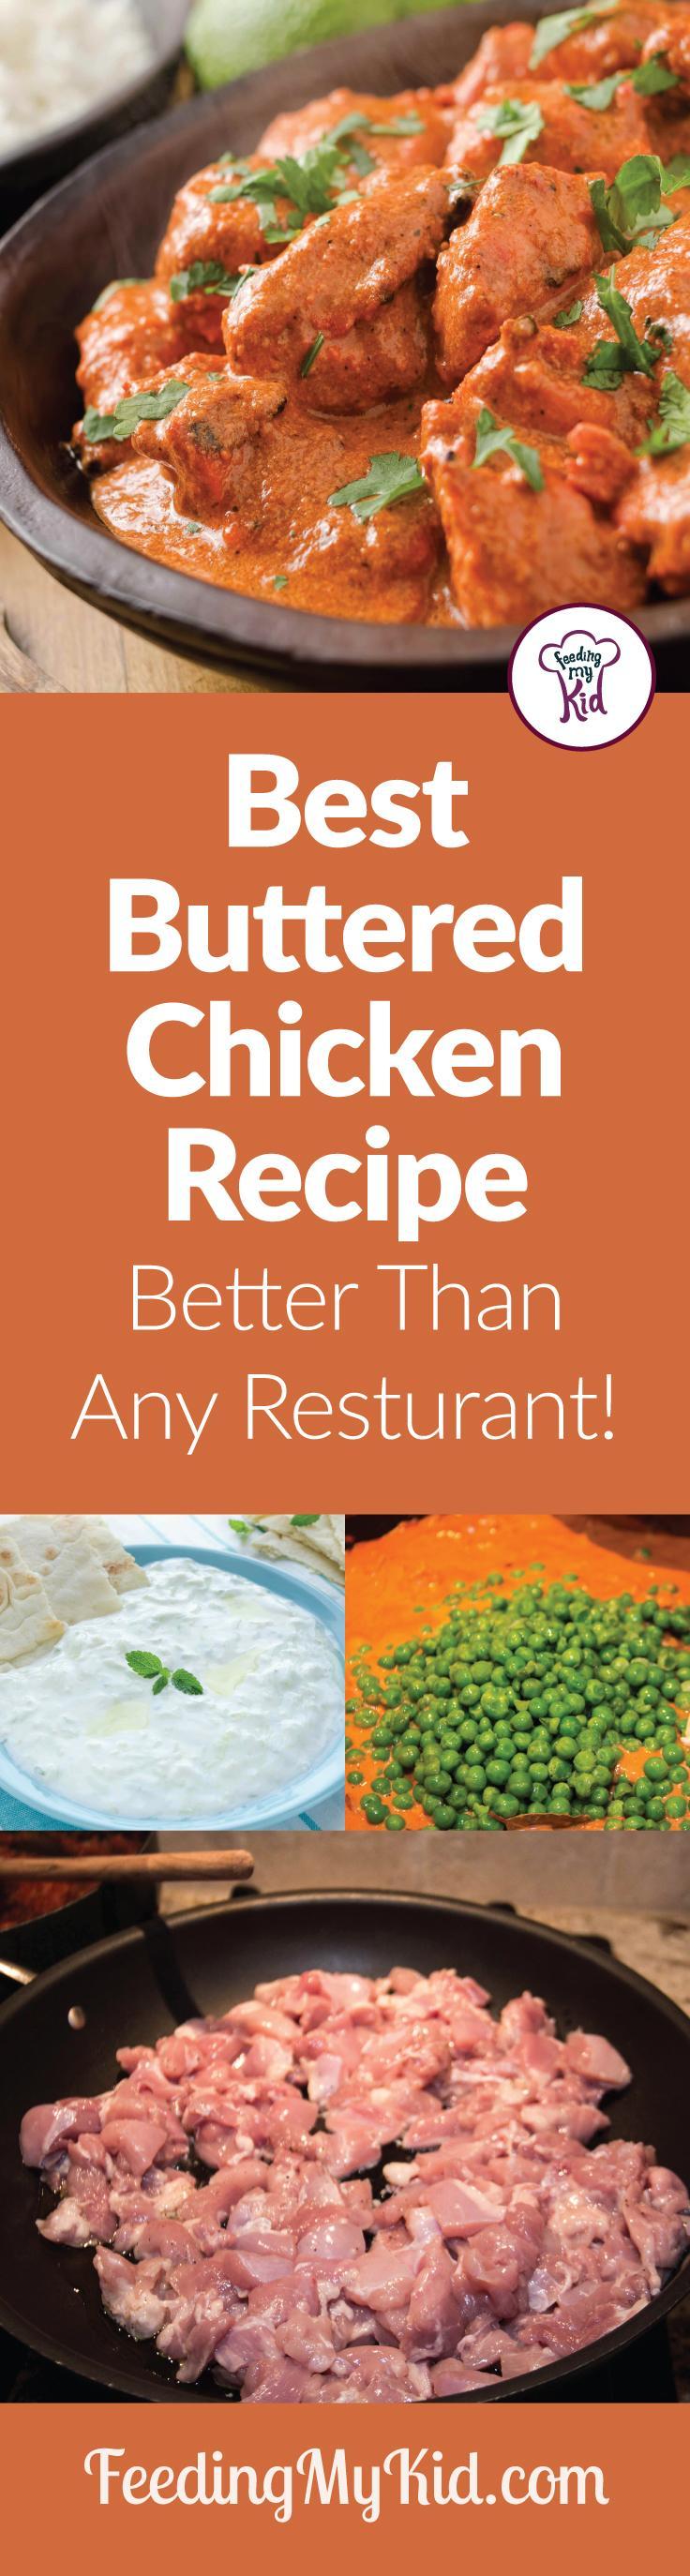 Best Buttered Chicken Recipe